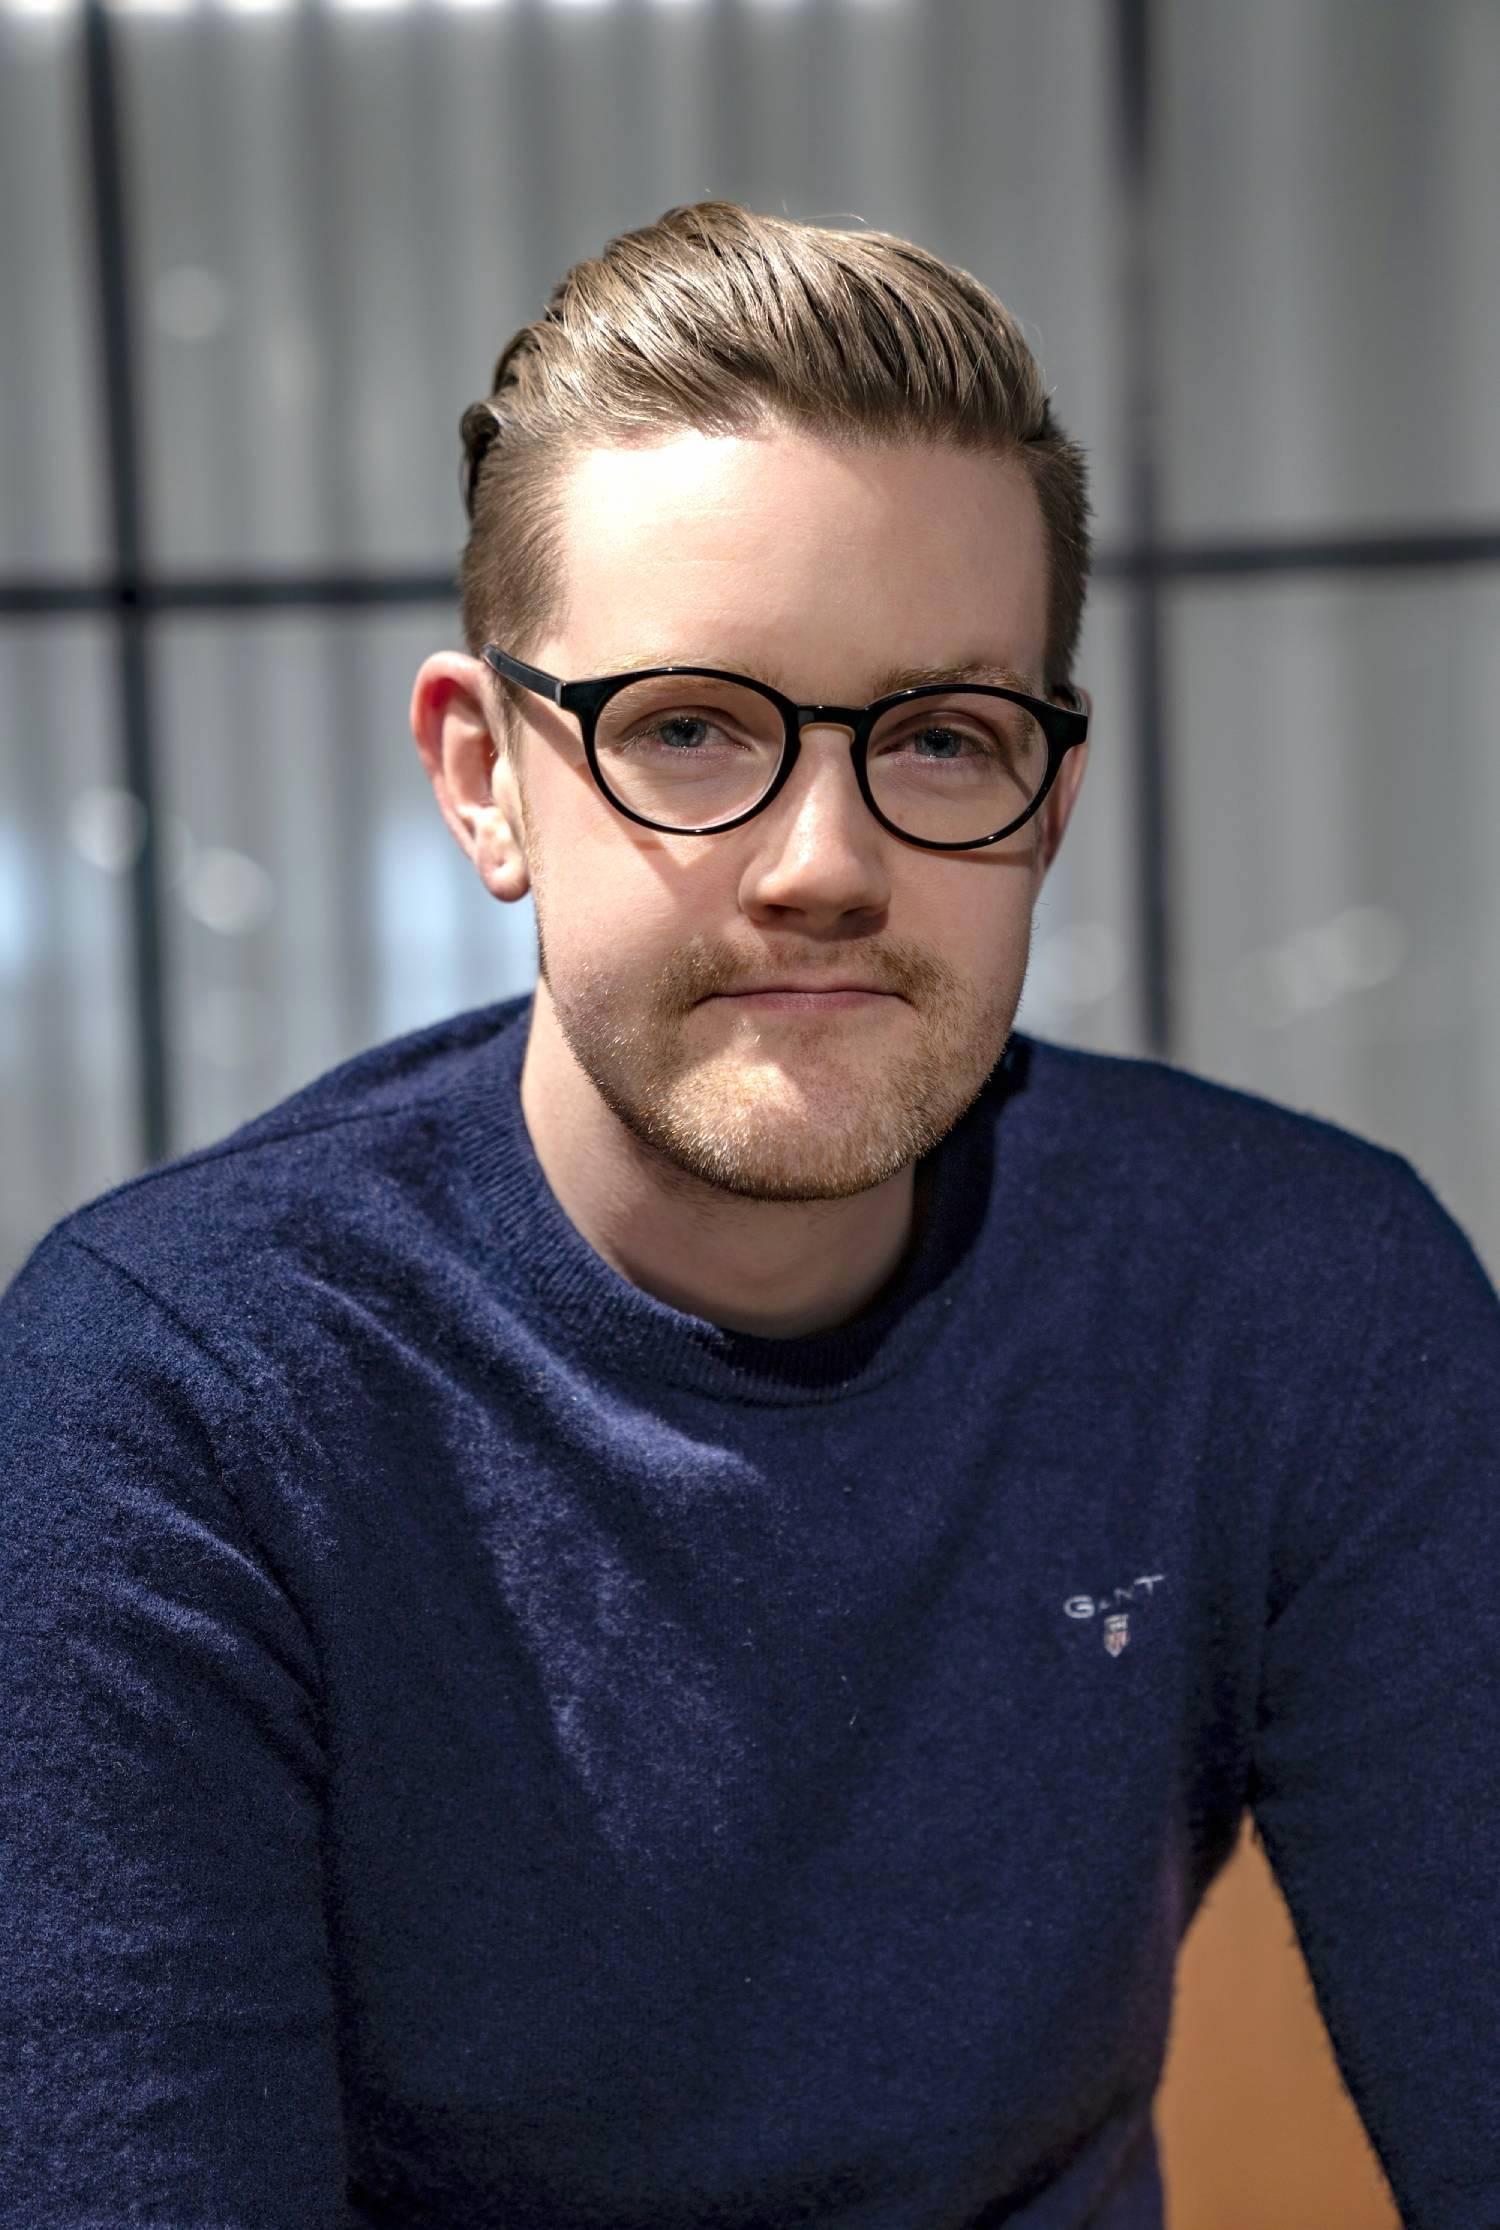 Paul Heffernan